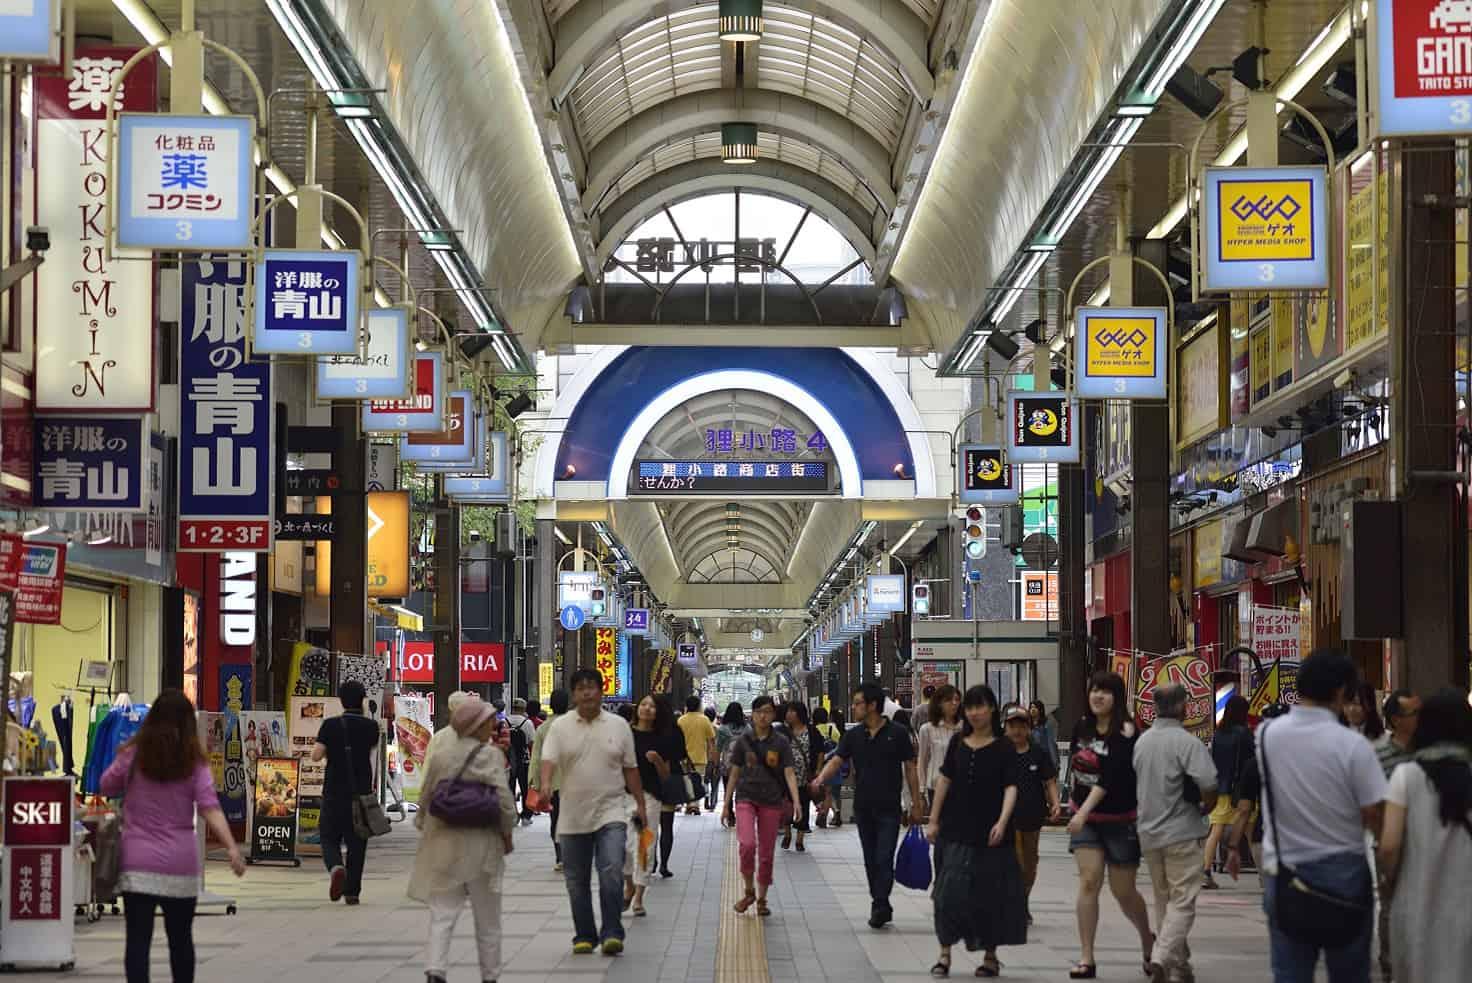 บรรยากาศภายในตลาดคนเดินทานุกิโคจิ (Tanukikoji) จังหวัดฮอกไกโด (Hokkaido)